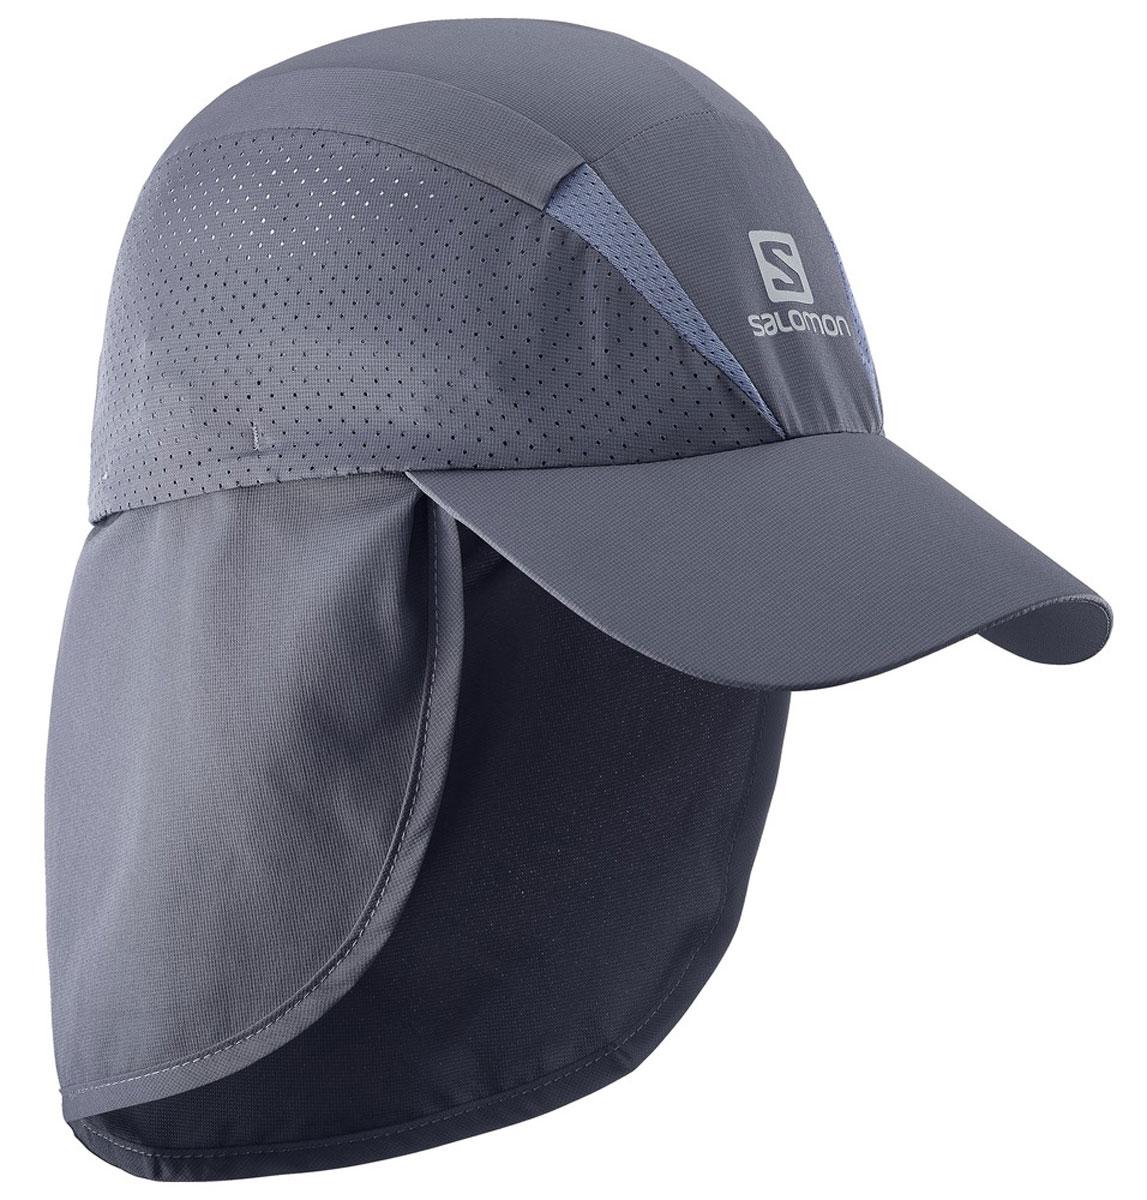 Кепка Salomon Cap Xa+, цвет: серый. L39304100. Размер L/XL (59)L39304100Новый лаконичный силуэт, низкий вес и хорошая вентиляция: кепка XACap быстро сохнет, сохраняя чувство свежести и комфорта во время беге. Дополнительная защита шеи от прямых солнечных лучей.